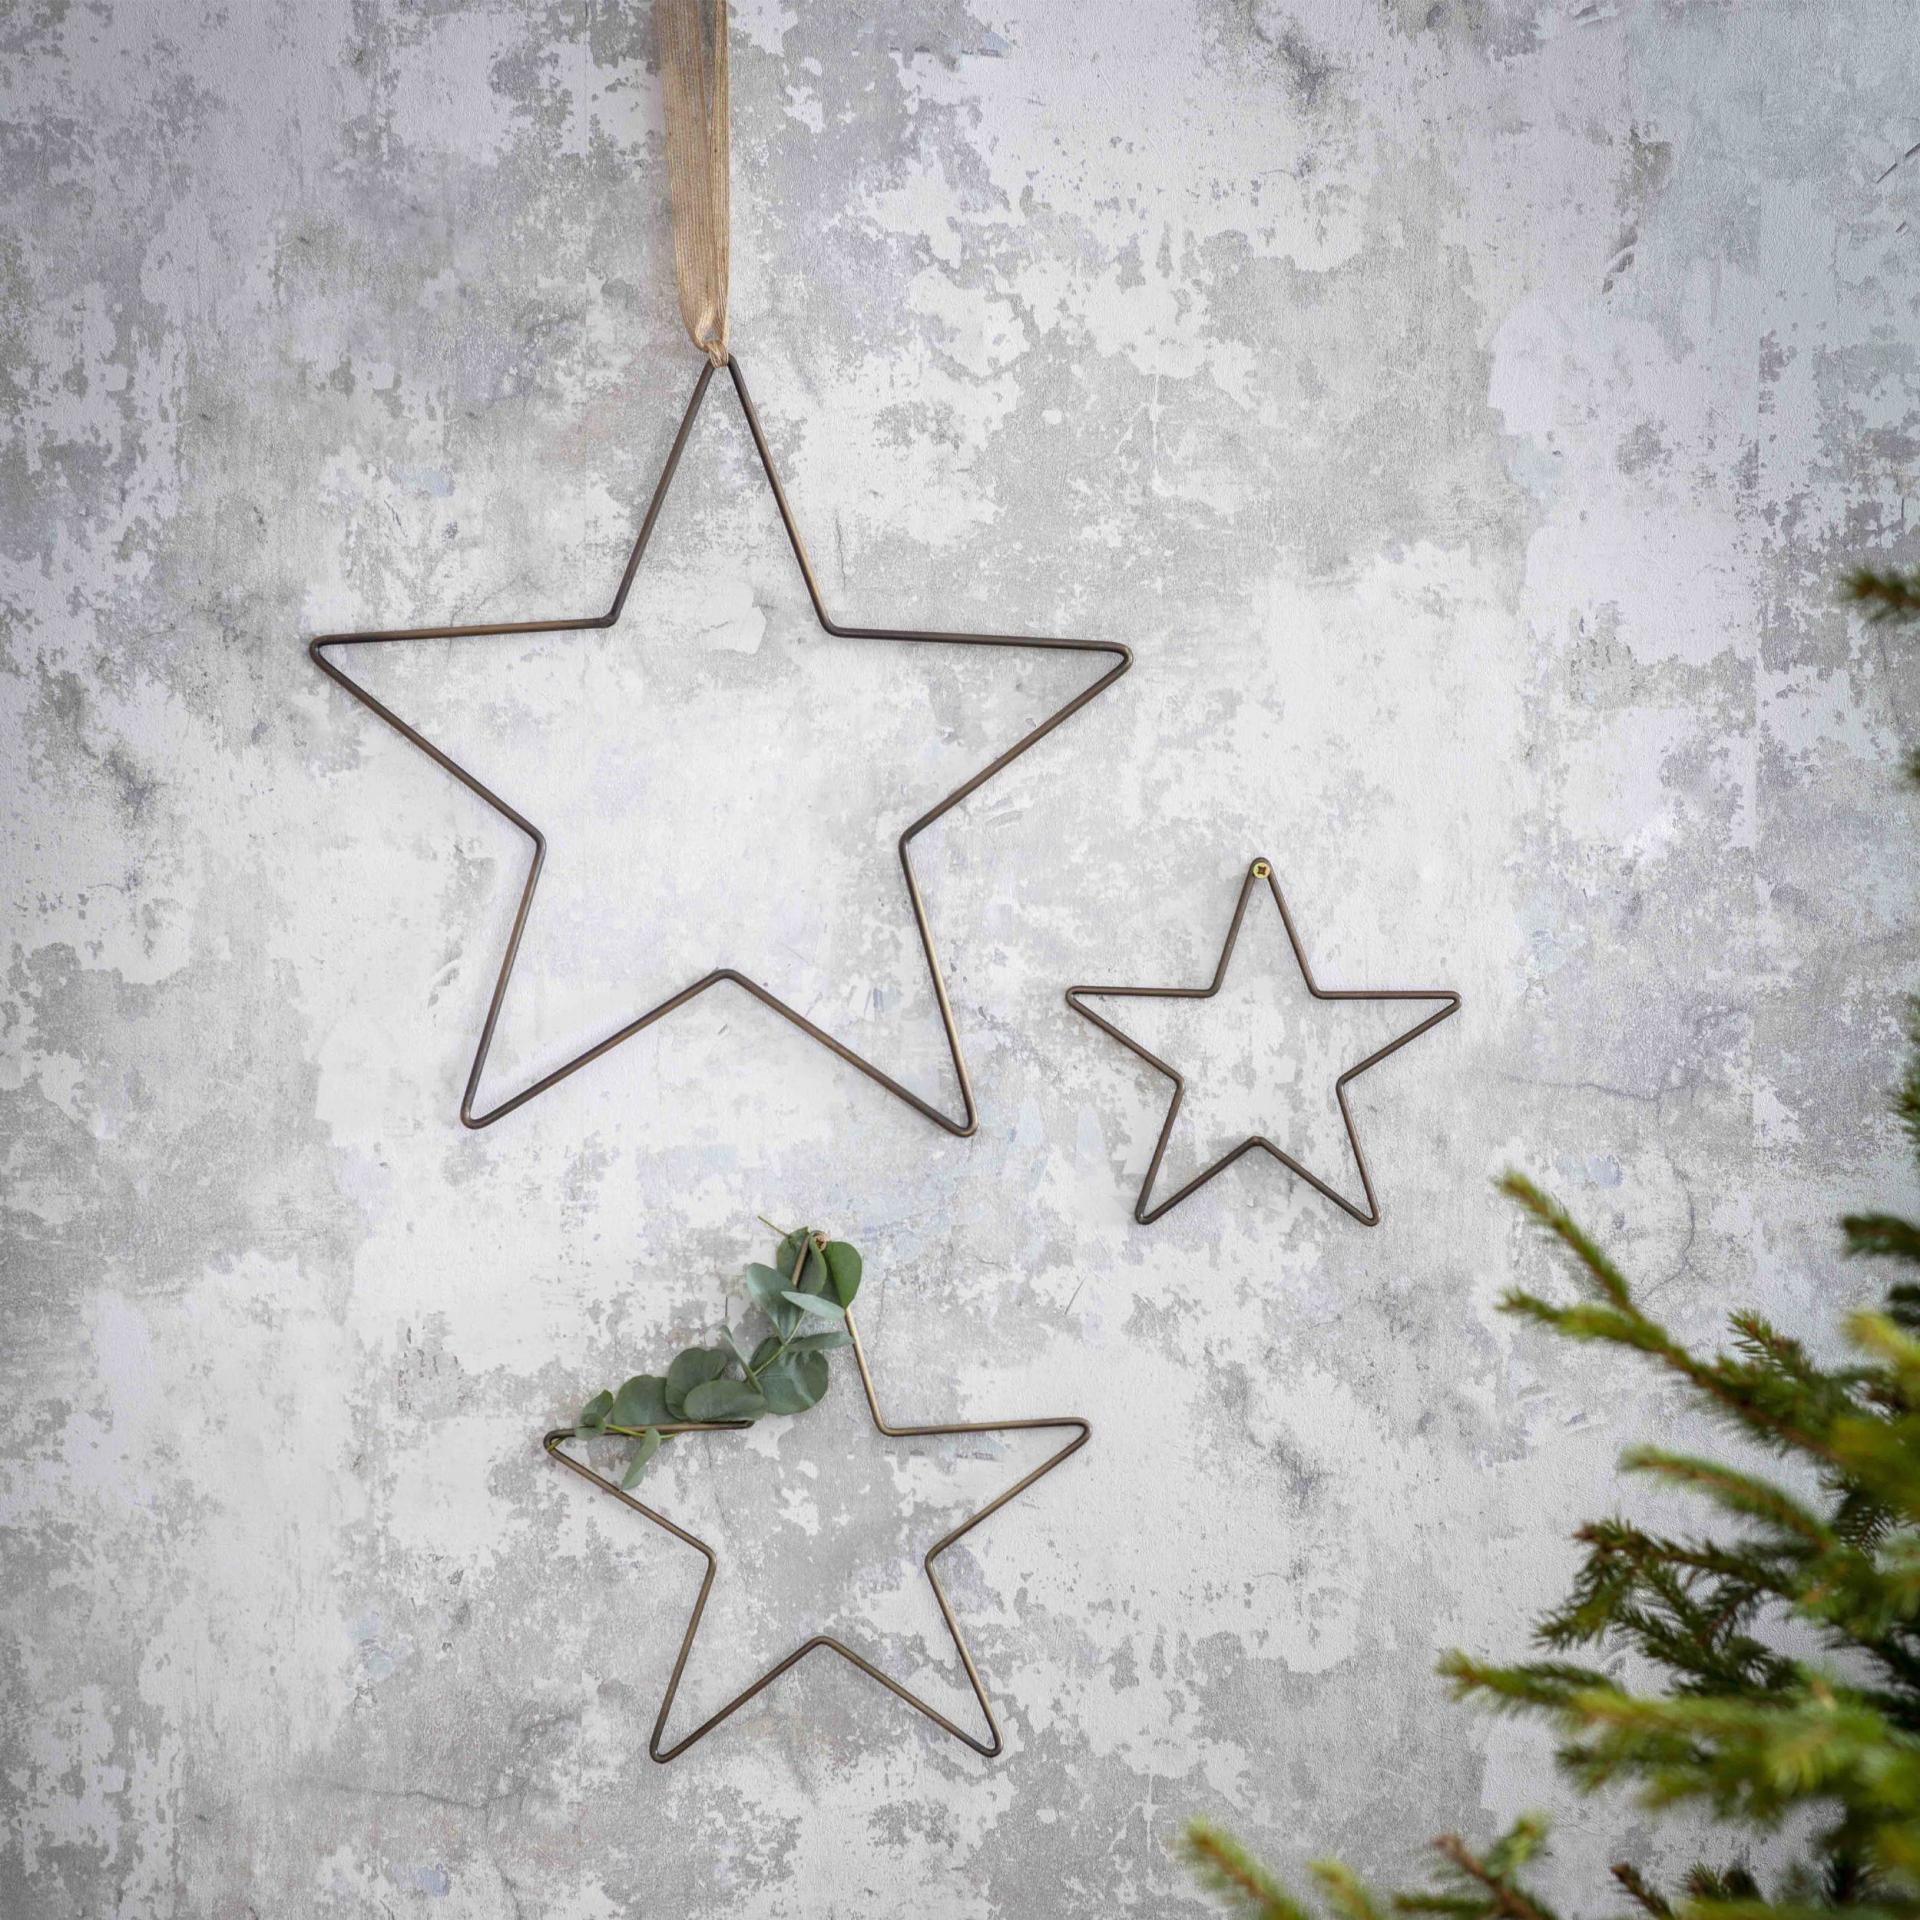 Garden Trading Dekorativní hvězdy Cromwell Brass - set 3 ks, šedá barva, kov